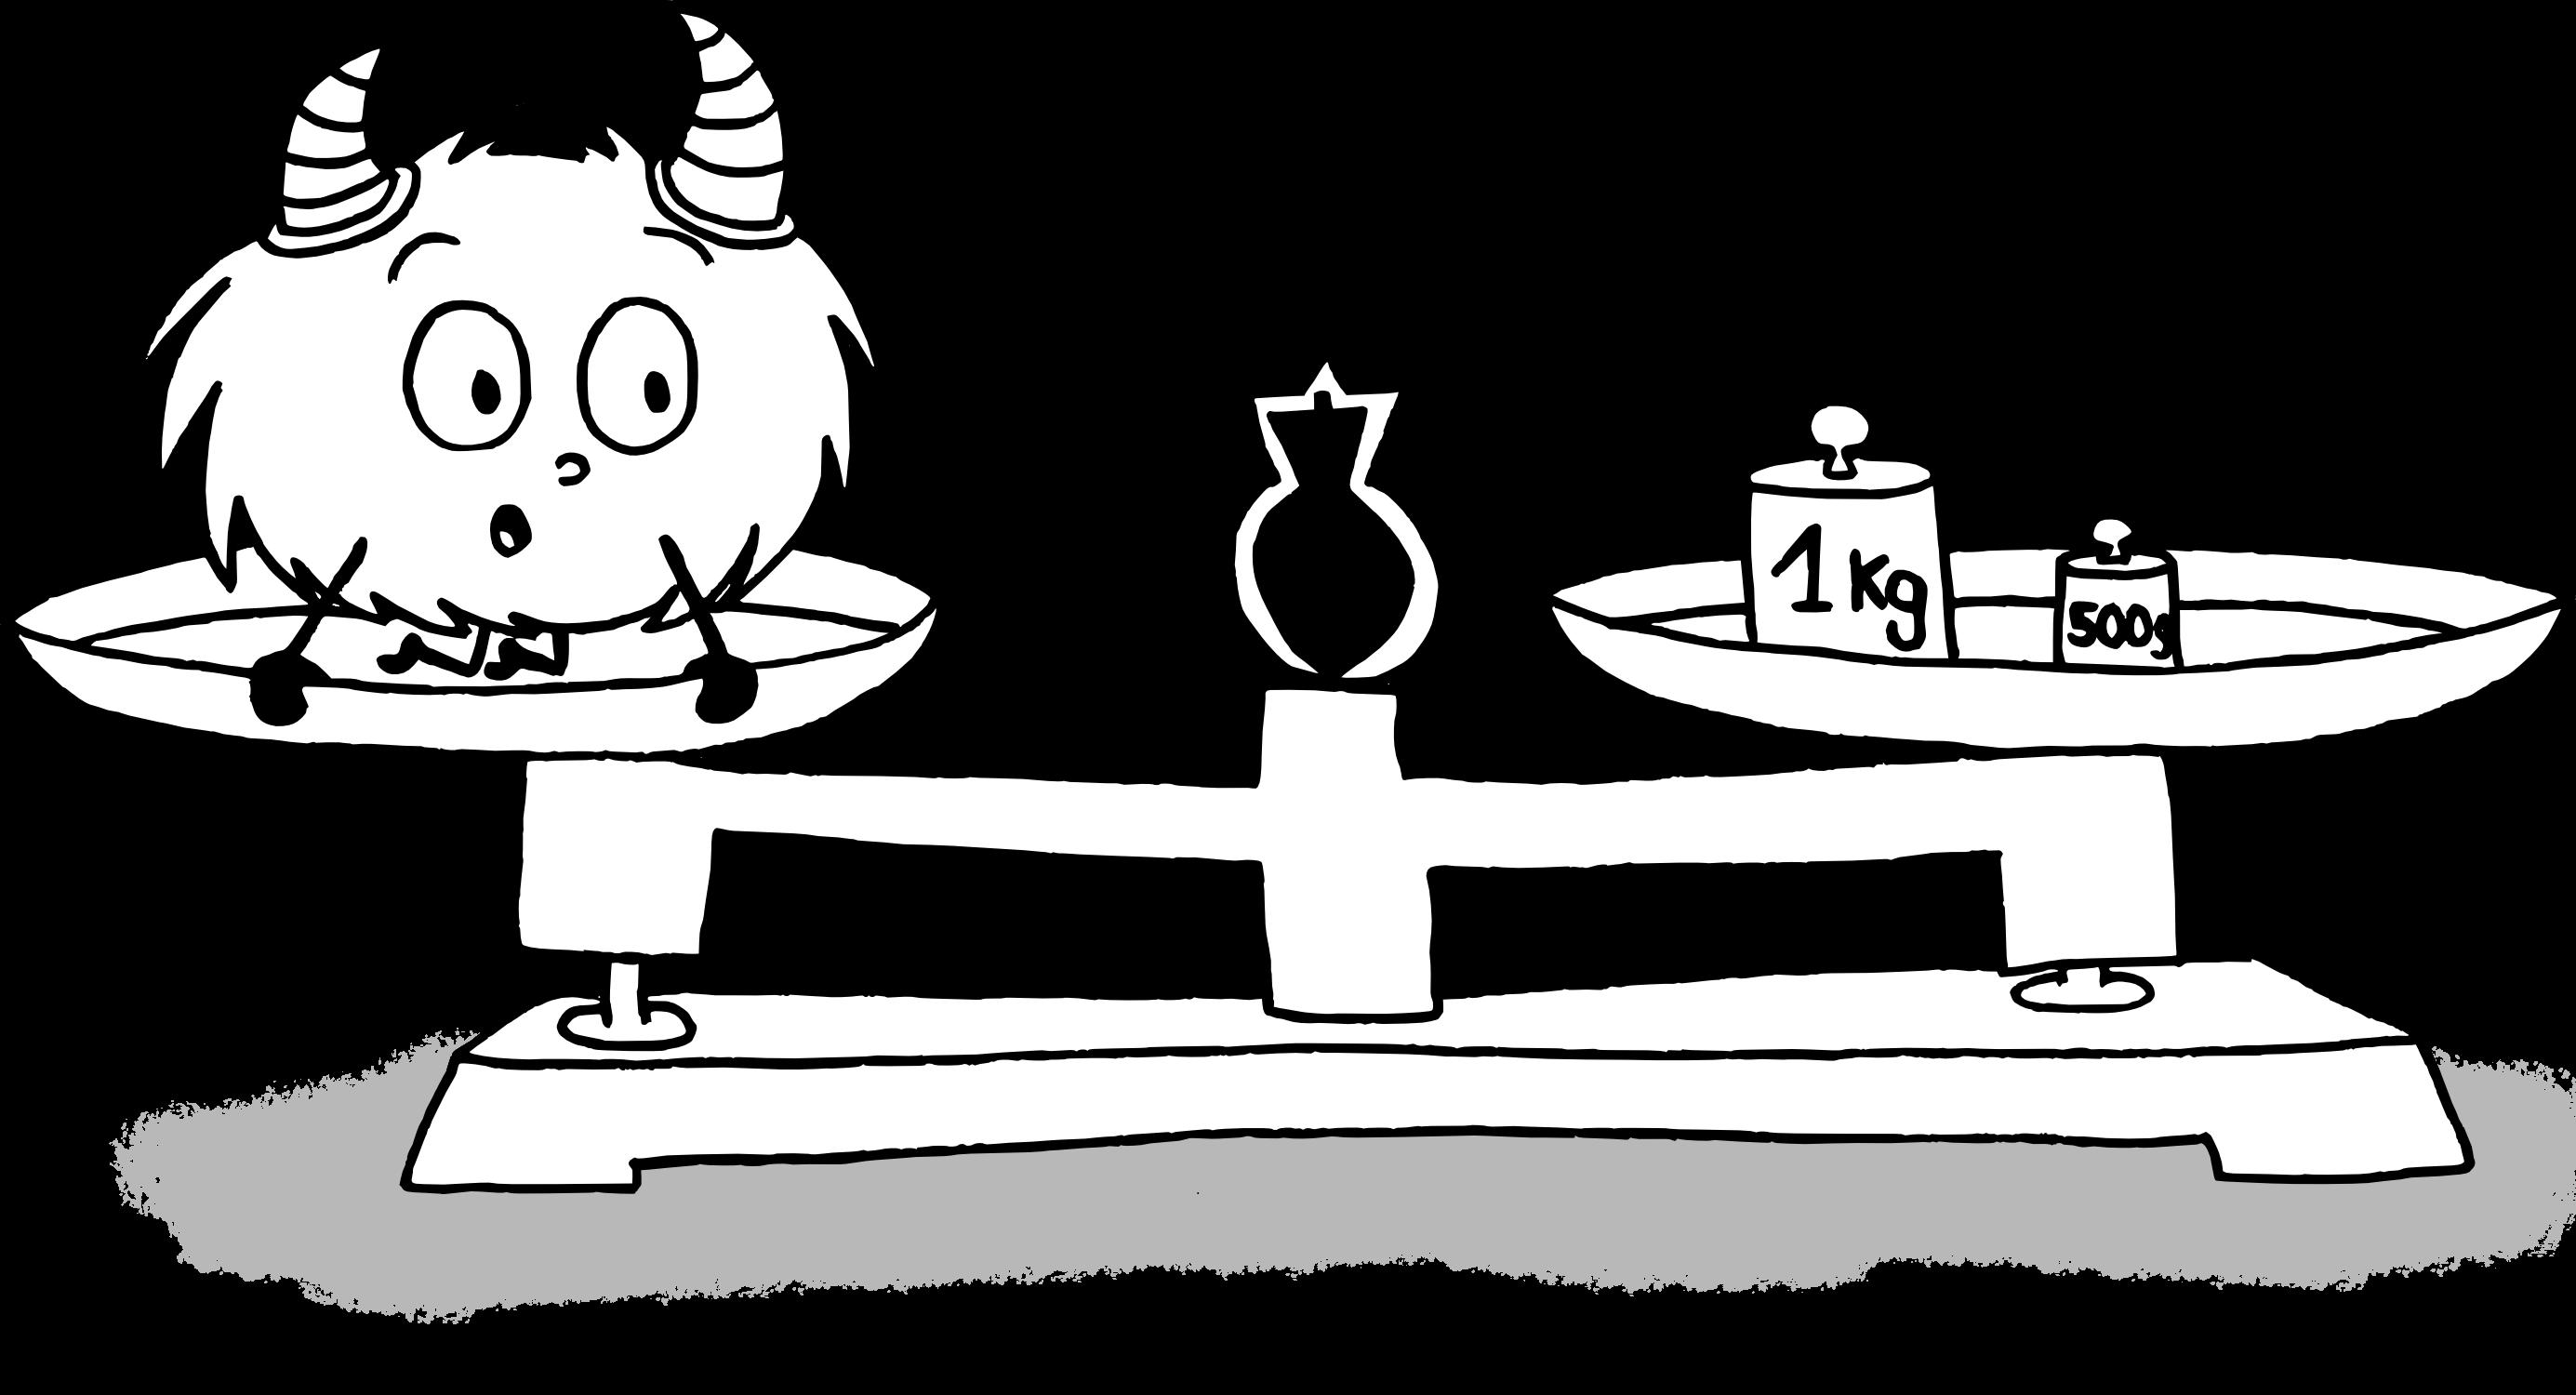 Dessin mystik s d couvre les grandeurs la balance le blog de mysticlolly - Dessin de balance ...